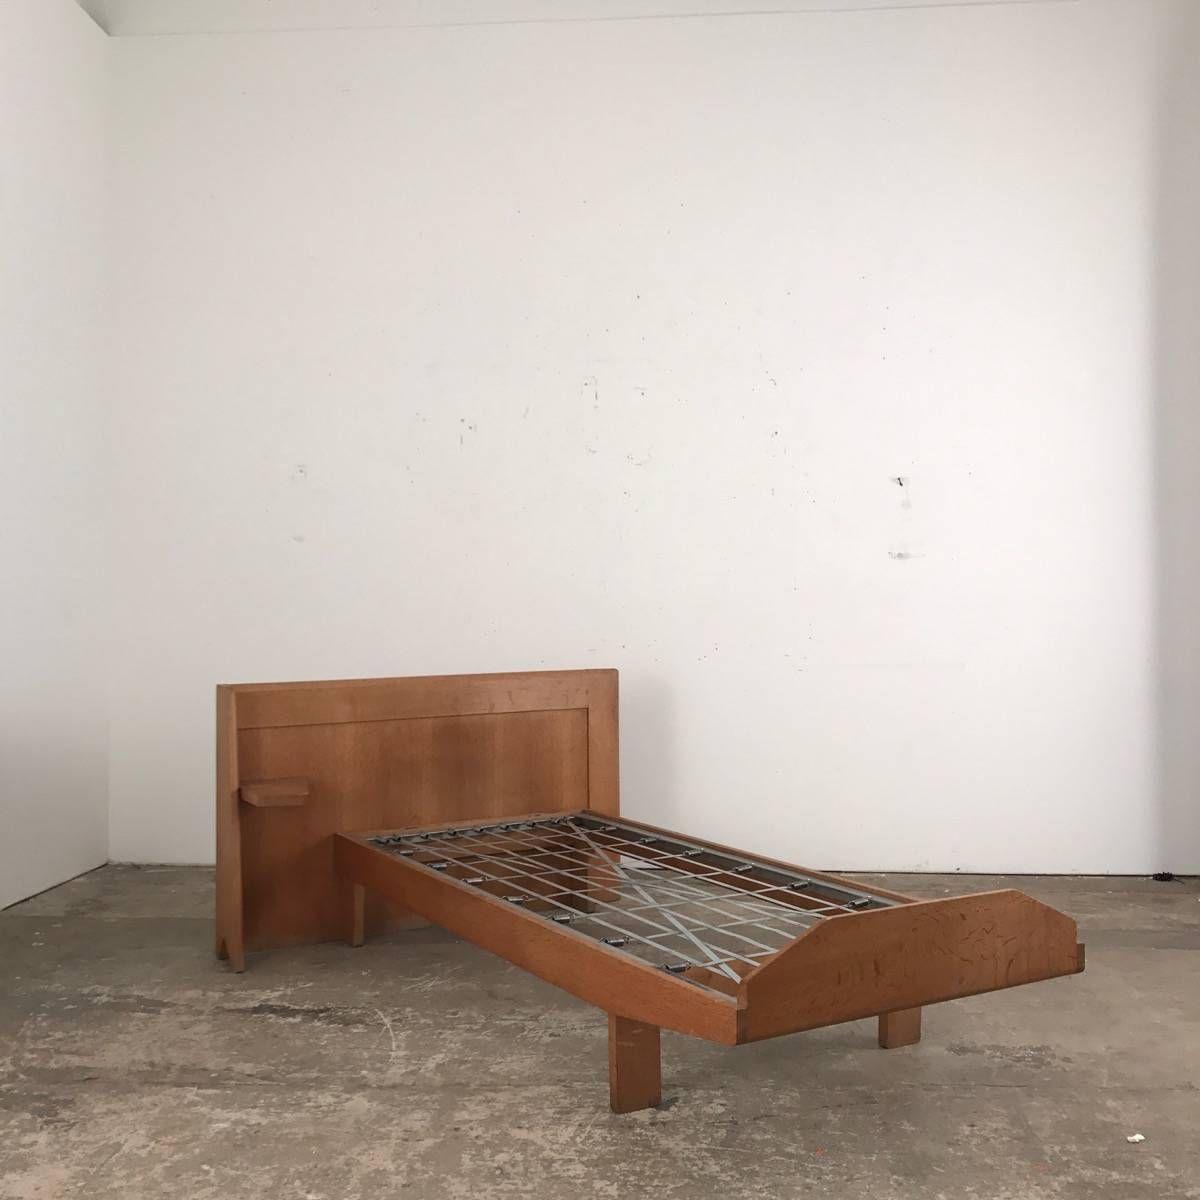 Nice modern single oak bed c.1960  Design Guillerme and Chambron Votre maison edition HB 76CM HS 34CM  194CM X 84CM W OF THE HEAD BED 130CM